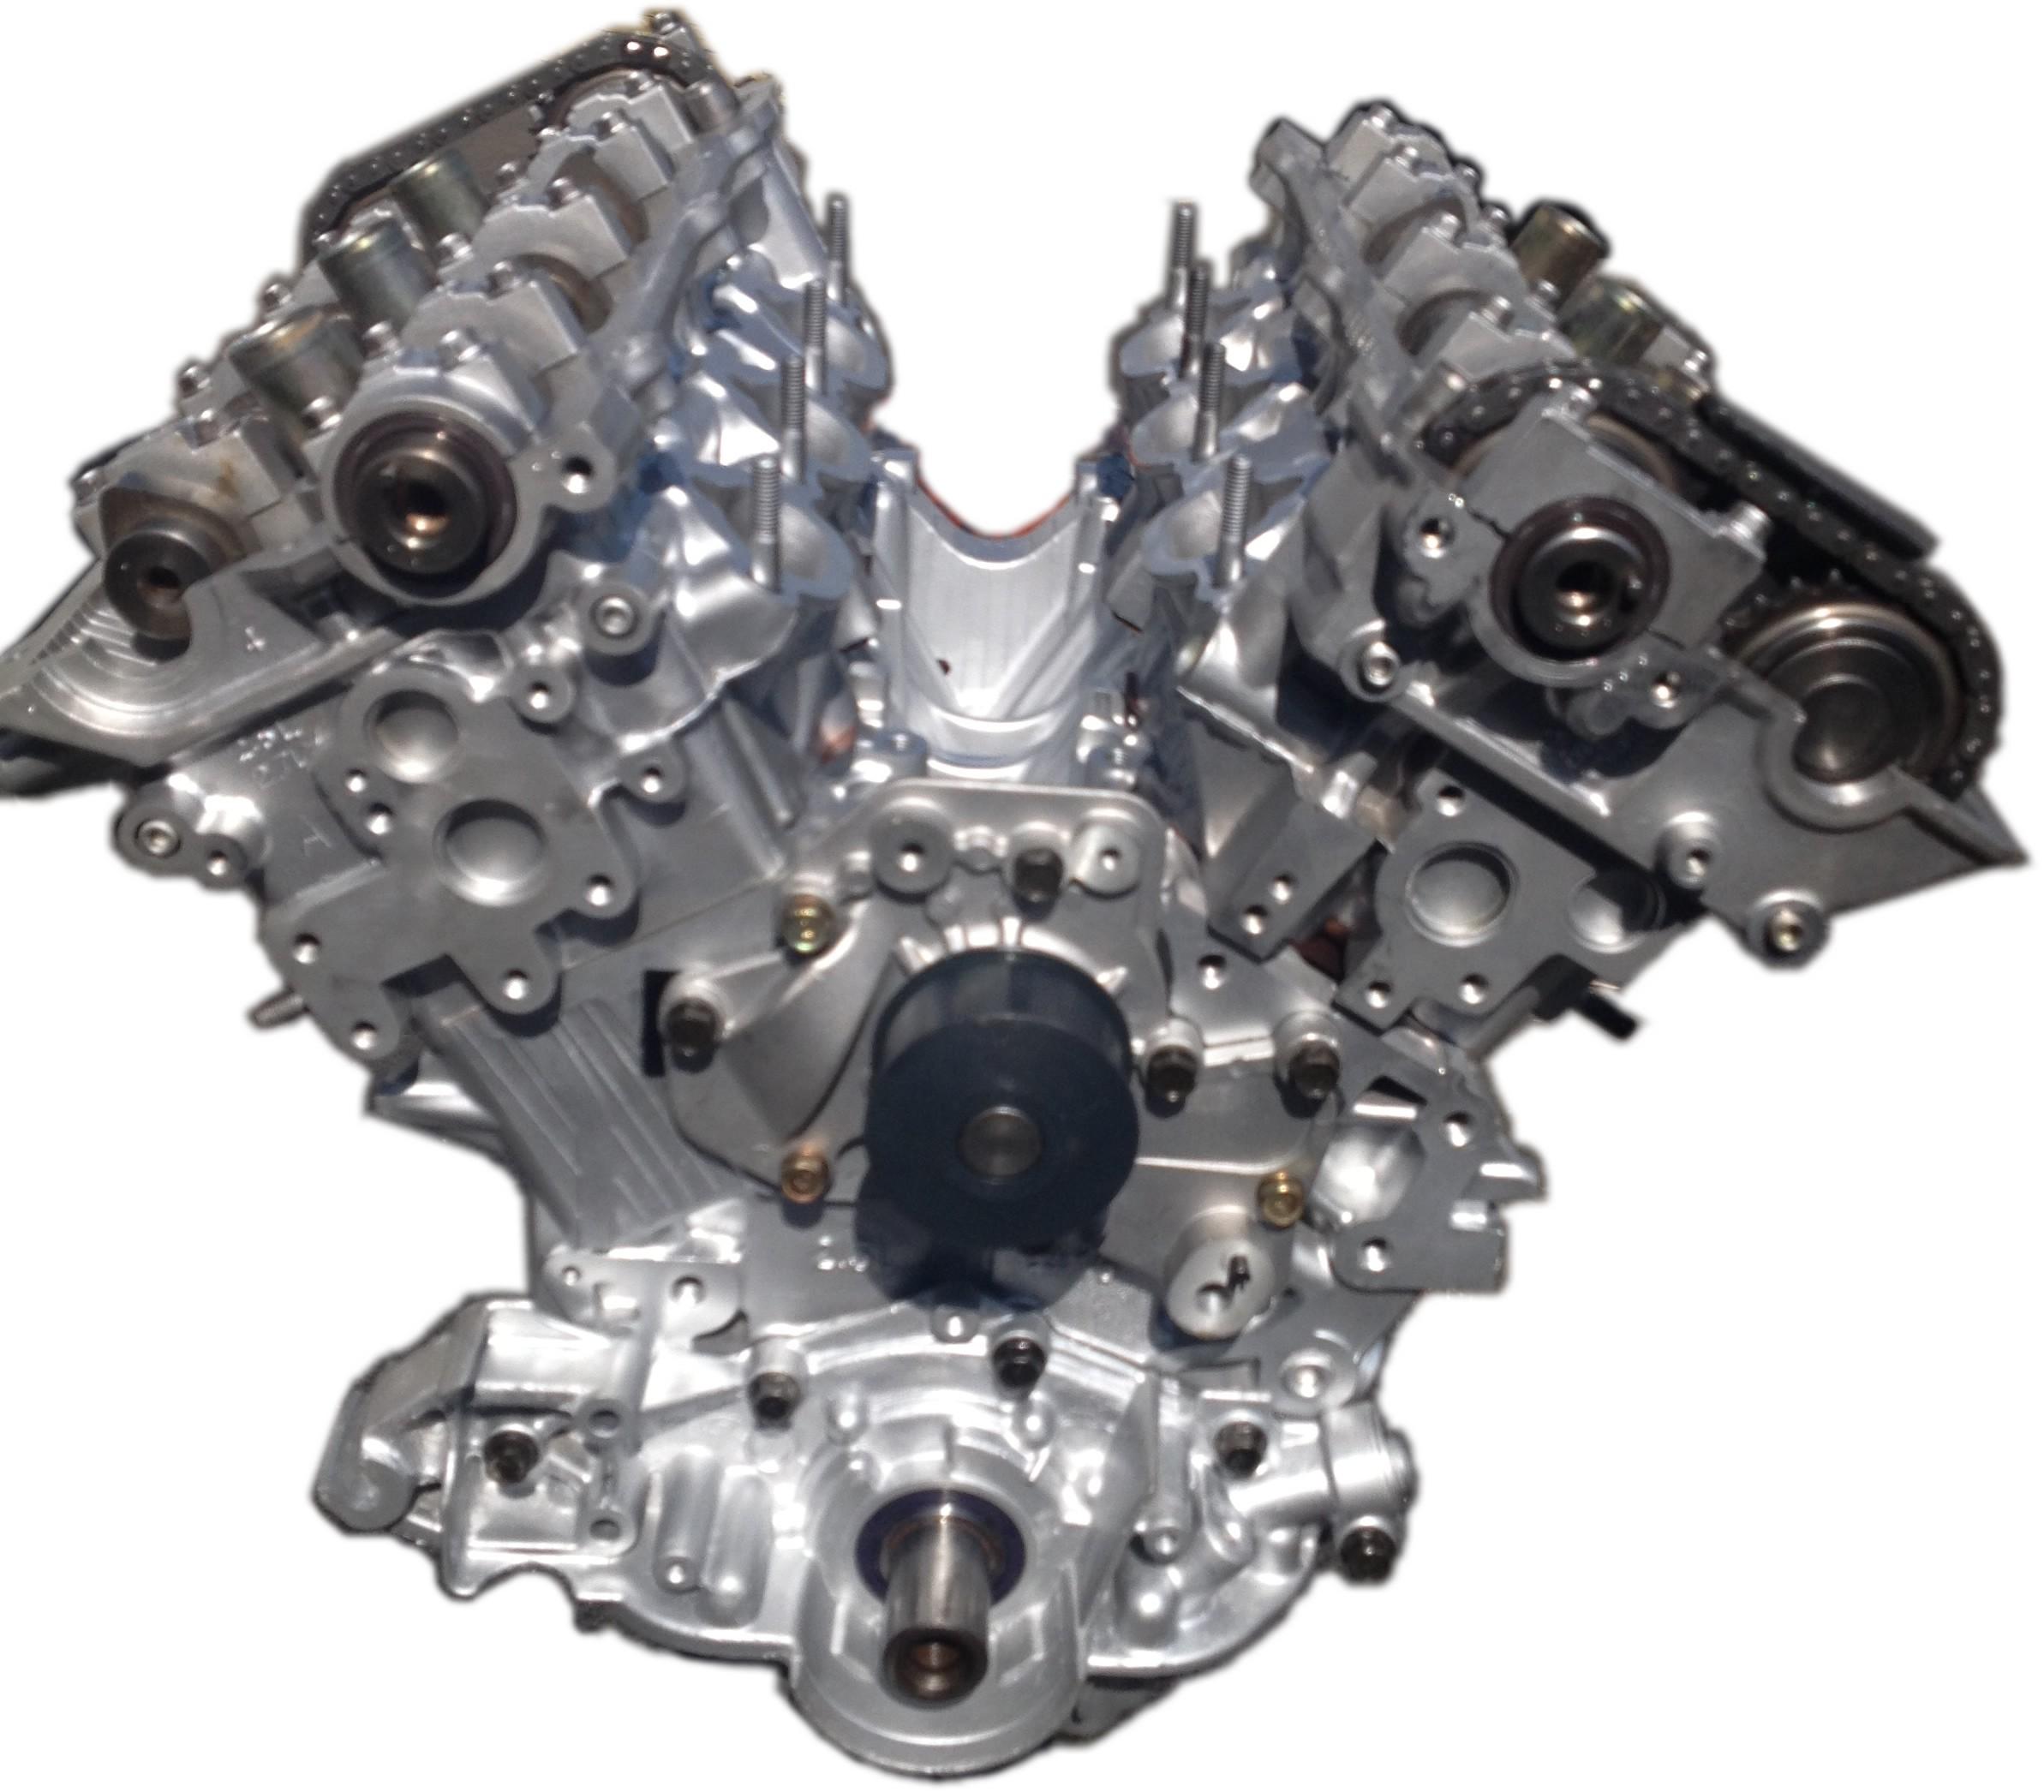 2003 Hyundai Sonata Engine Diagram Timing Belt Rebuilt 03 08 Hyundai Tiburon 2 7l 6 Cyl Engine 171 Kar King